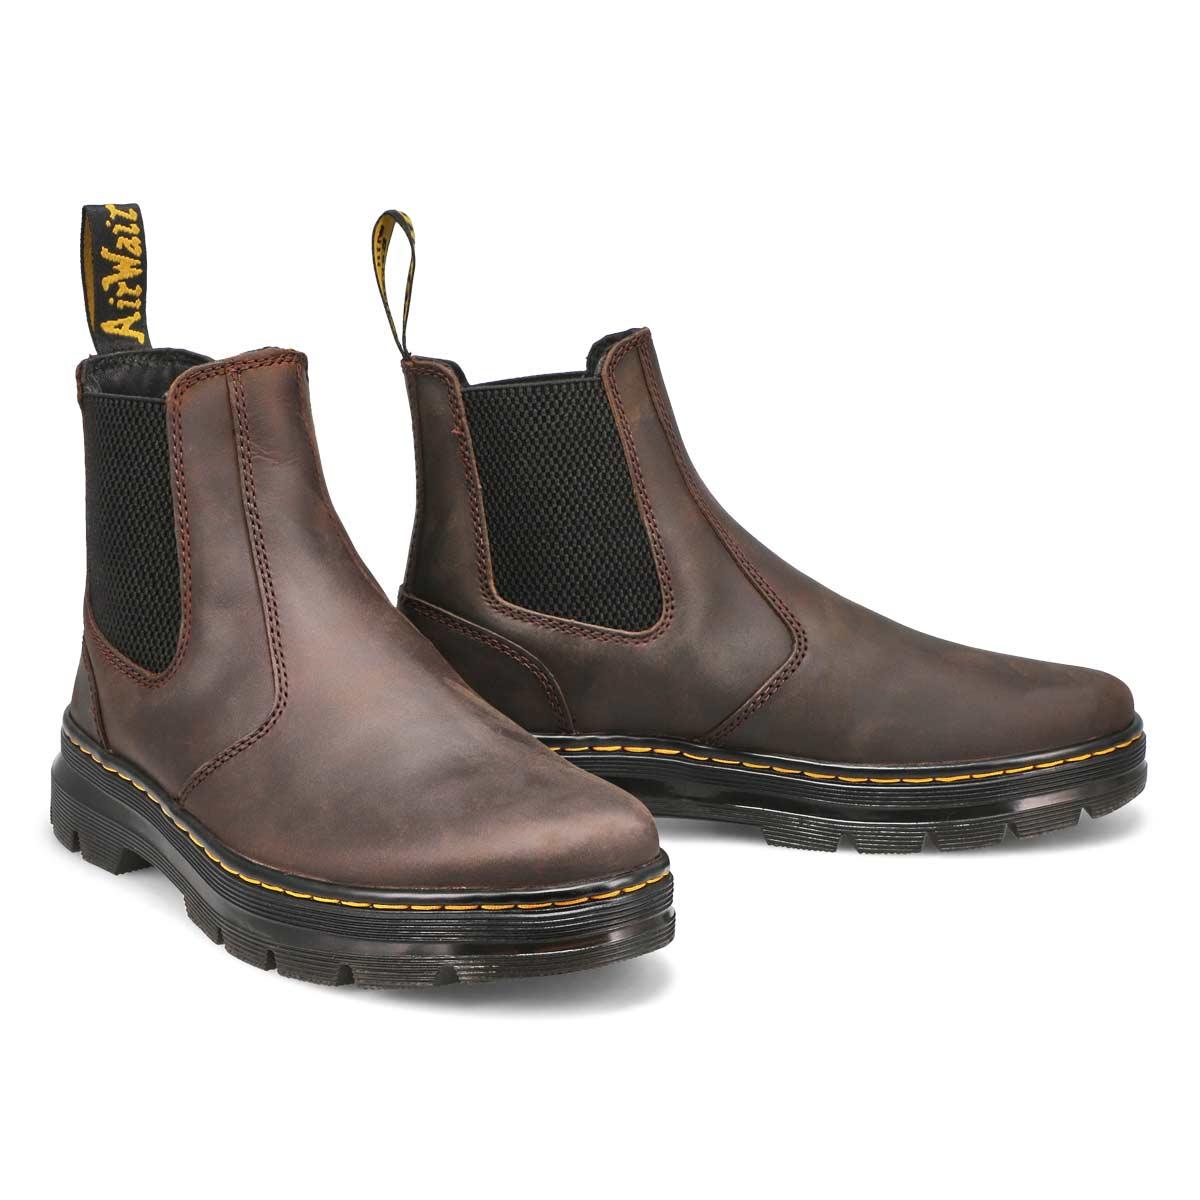 Men's Embury 2976 Chelsea Boot - Gaucho